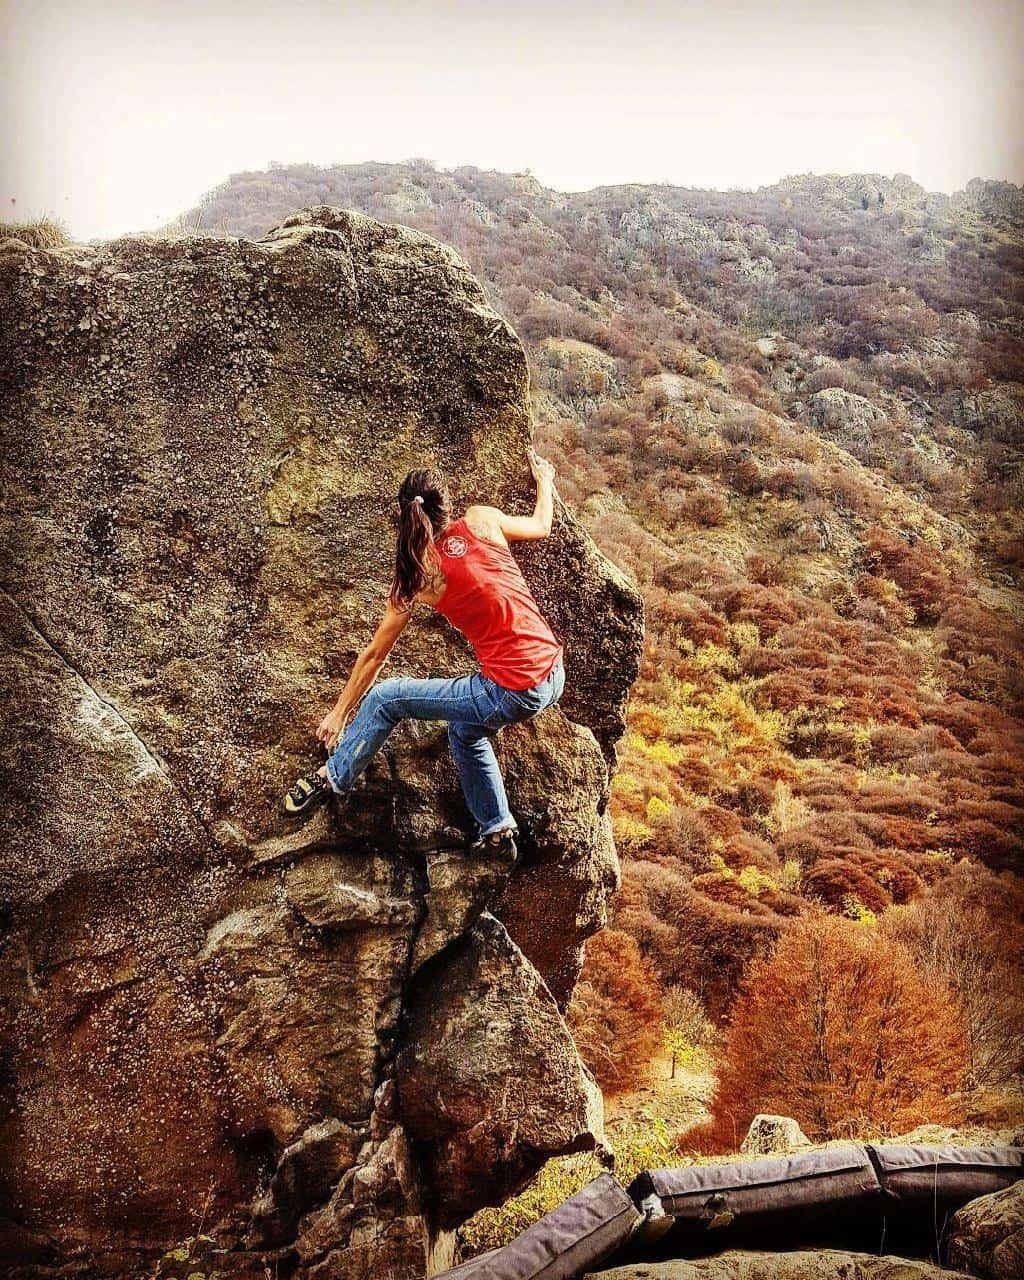 L'allenamento anti-glicolitico per l'arrampicata sportiva